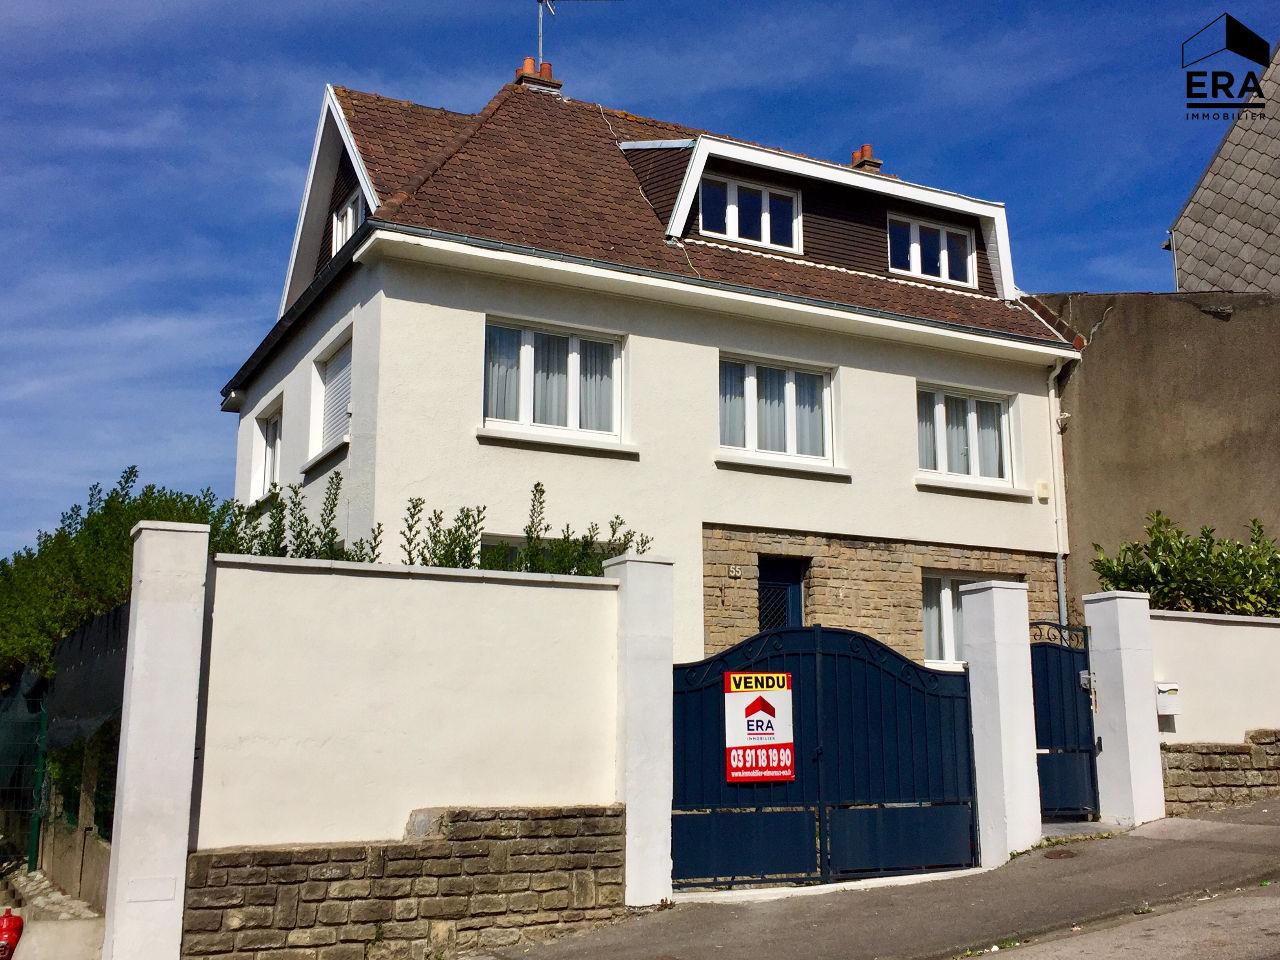 Maisons 59 62 nord pas de calais page 1 portail - Bureau vallee boulogne sur mer ...